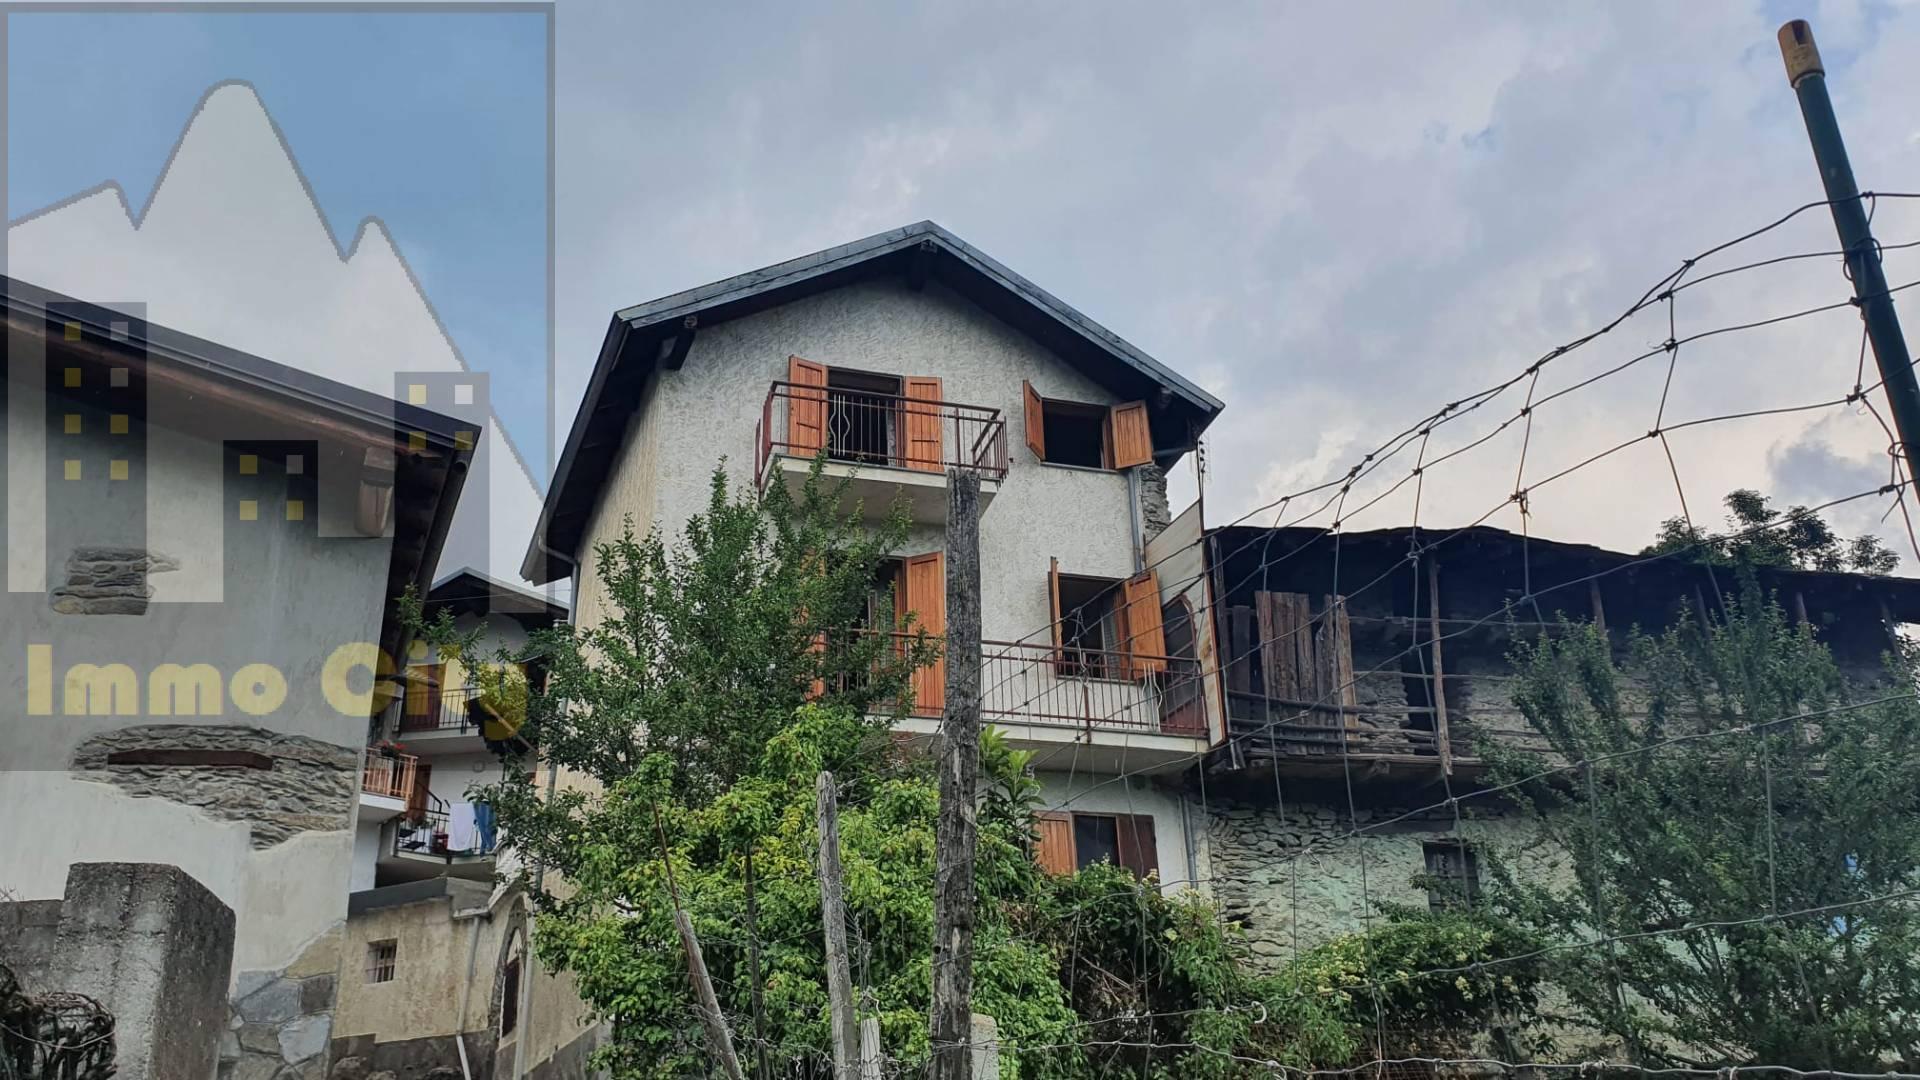 Palazzo / Stabile in vendita a Giaglione, 5 locali, zona Località: SanLorenzo(Plan, prezzo € 48.000 | CambioCasa.it